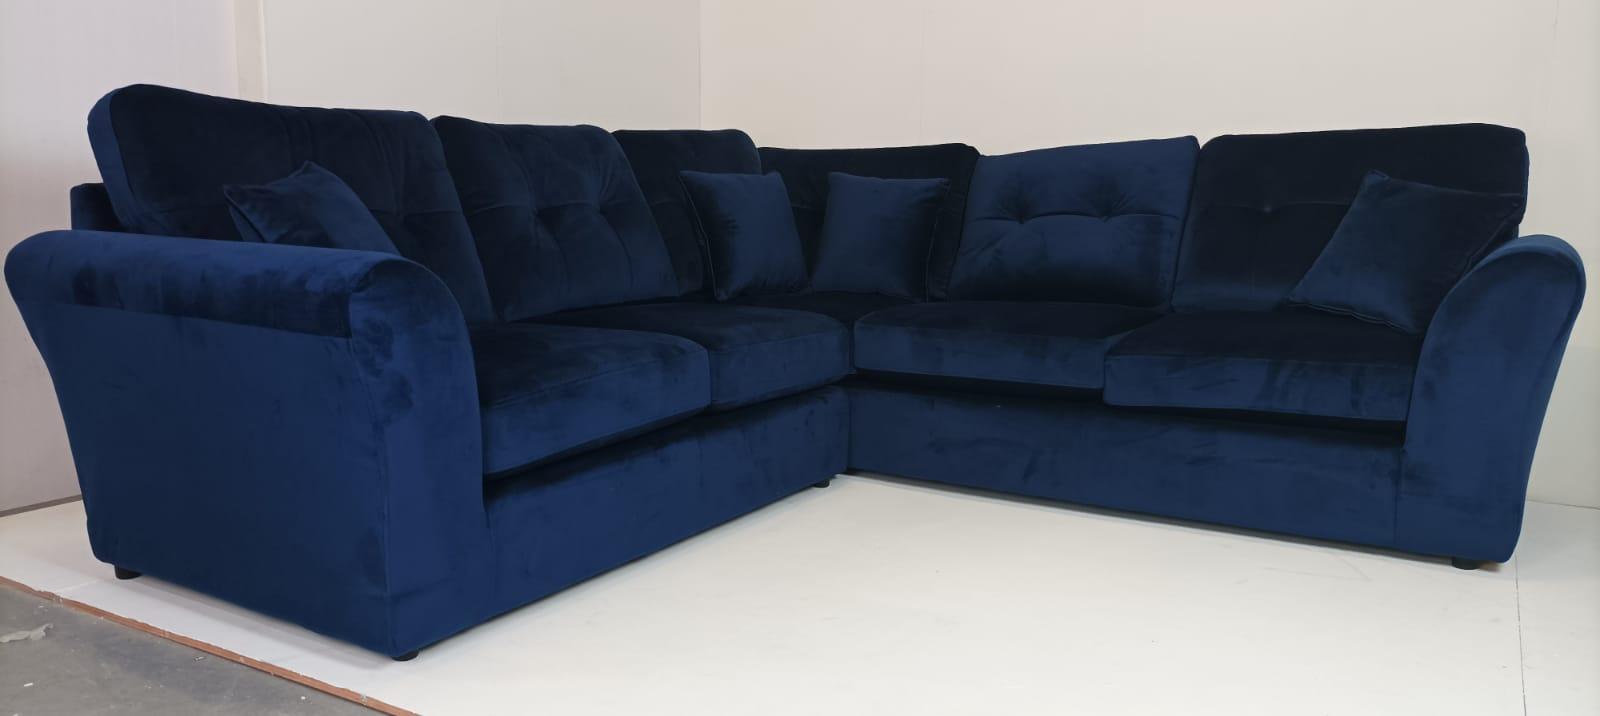 Toronto Sofa - OUTLET